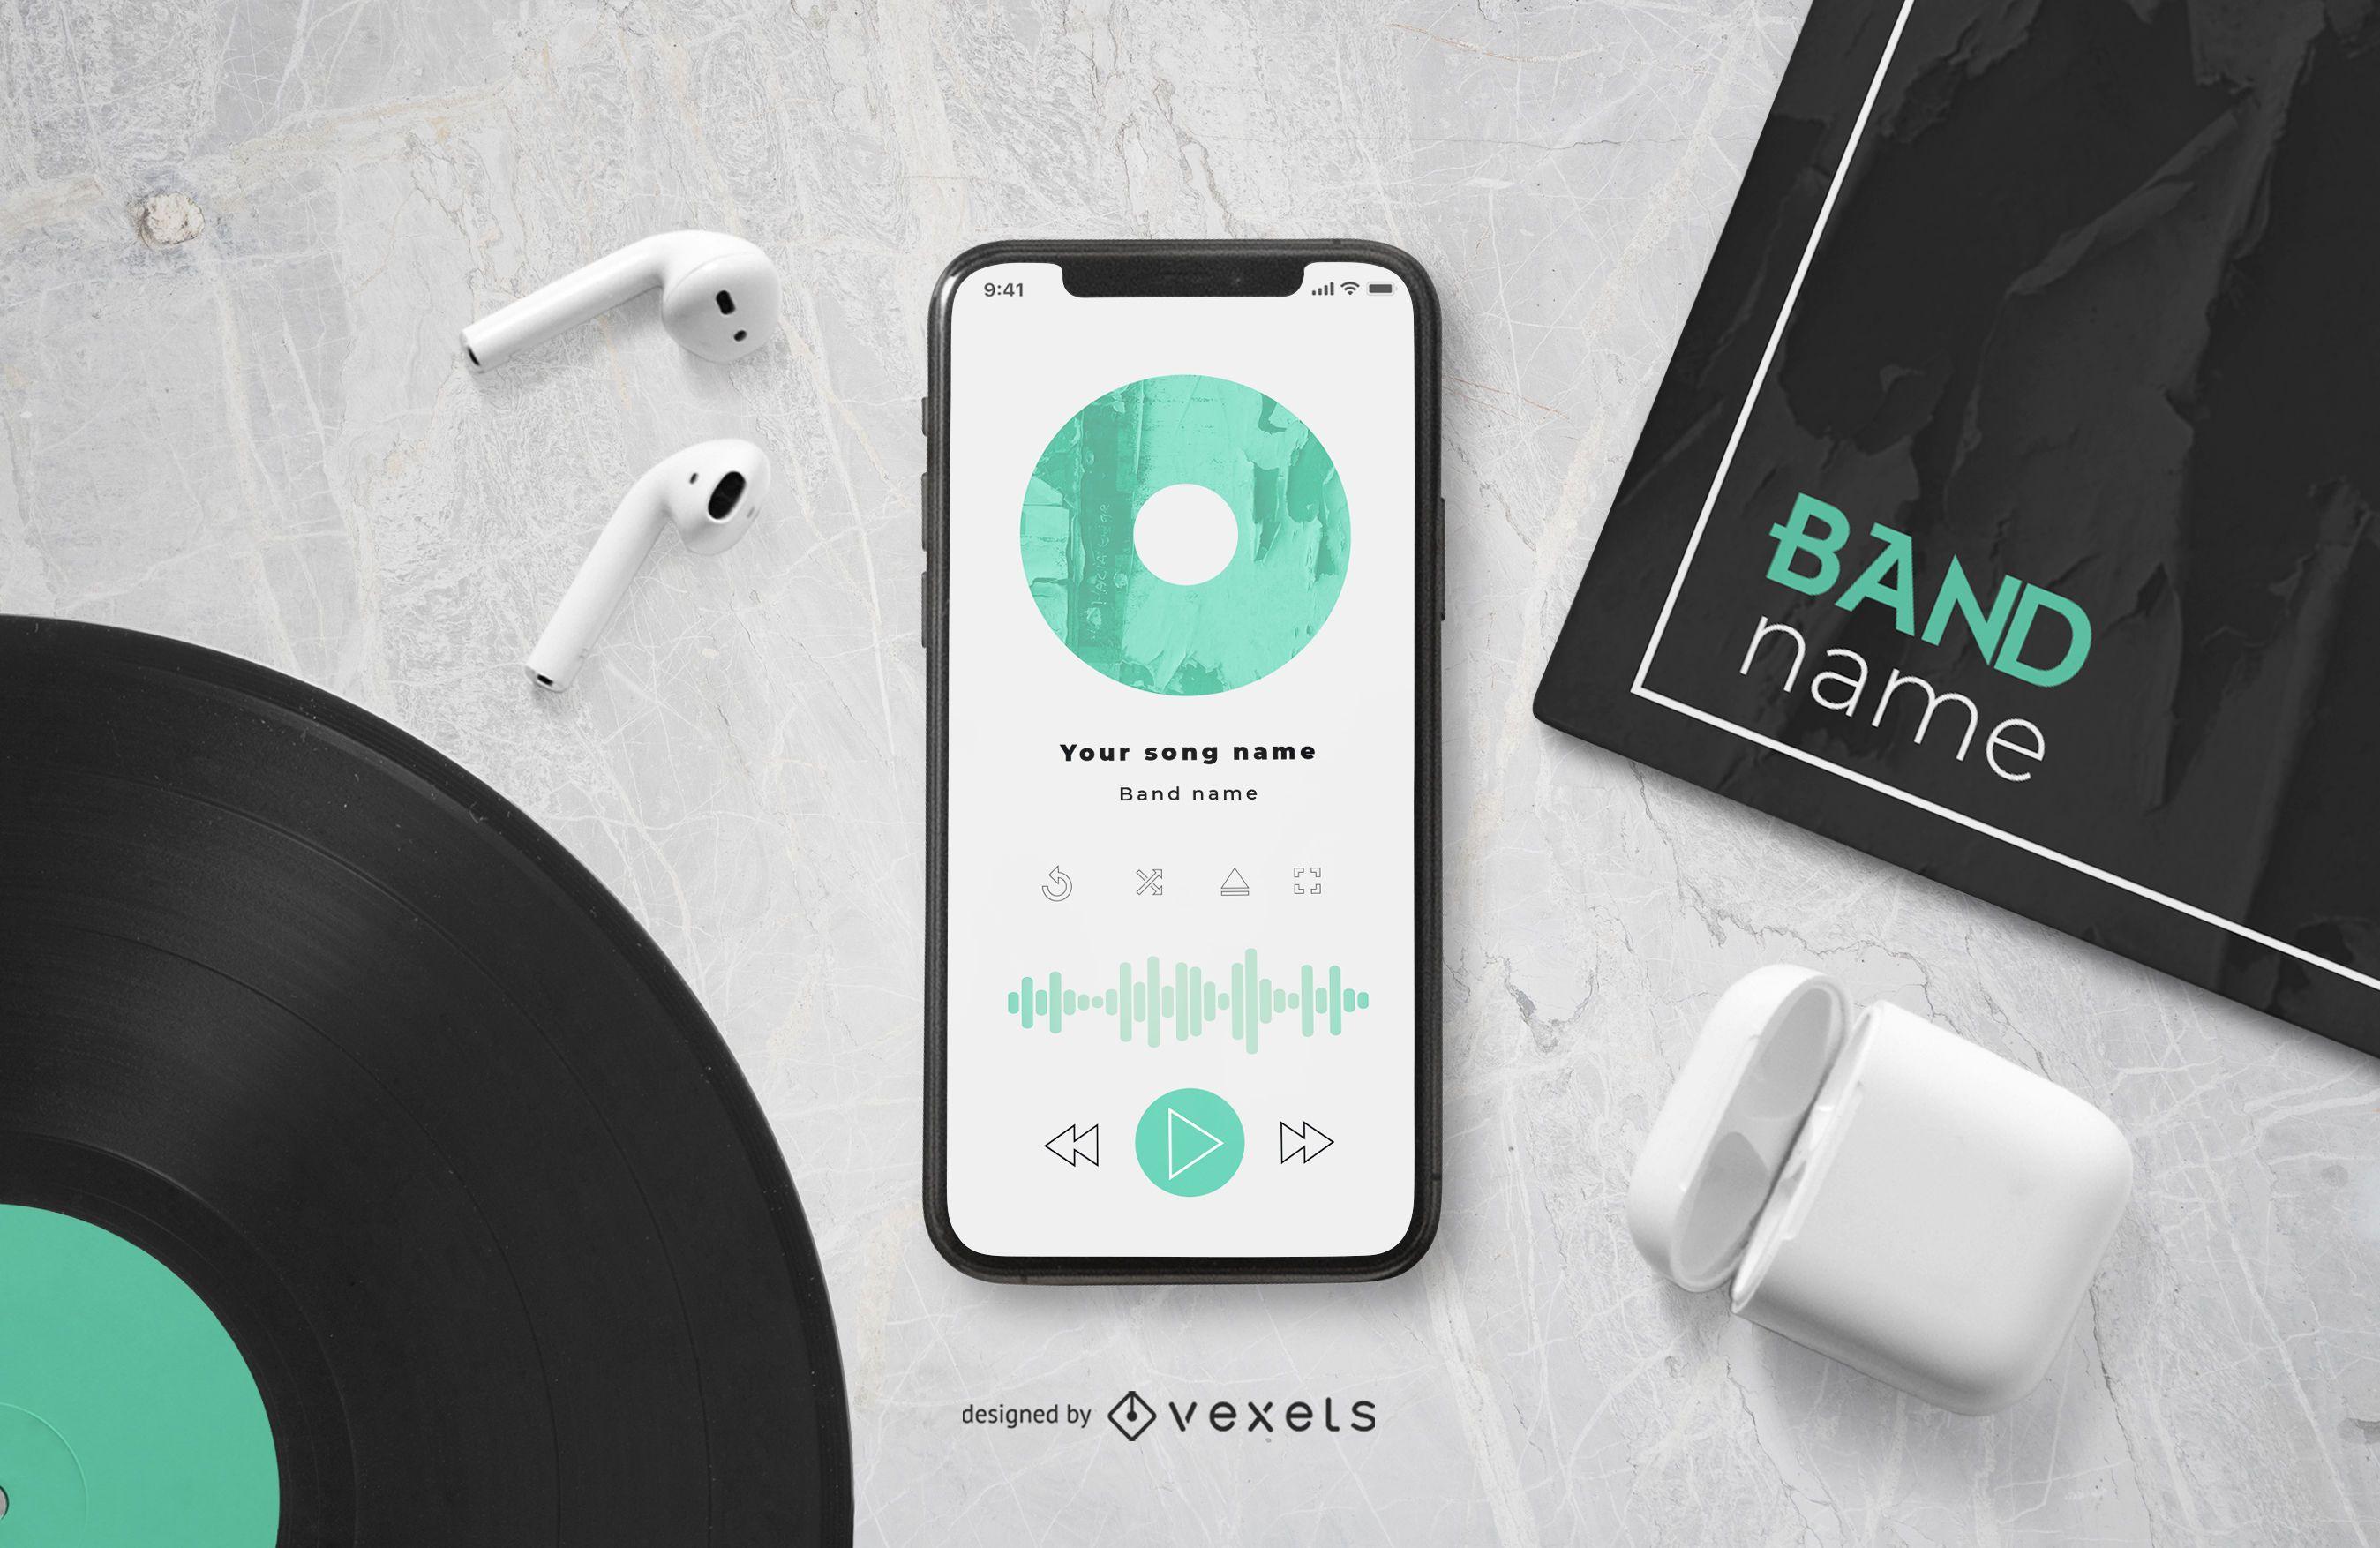 Maqueta de Smartphone con Reproductor de Música